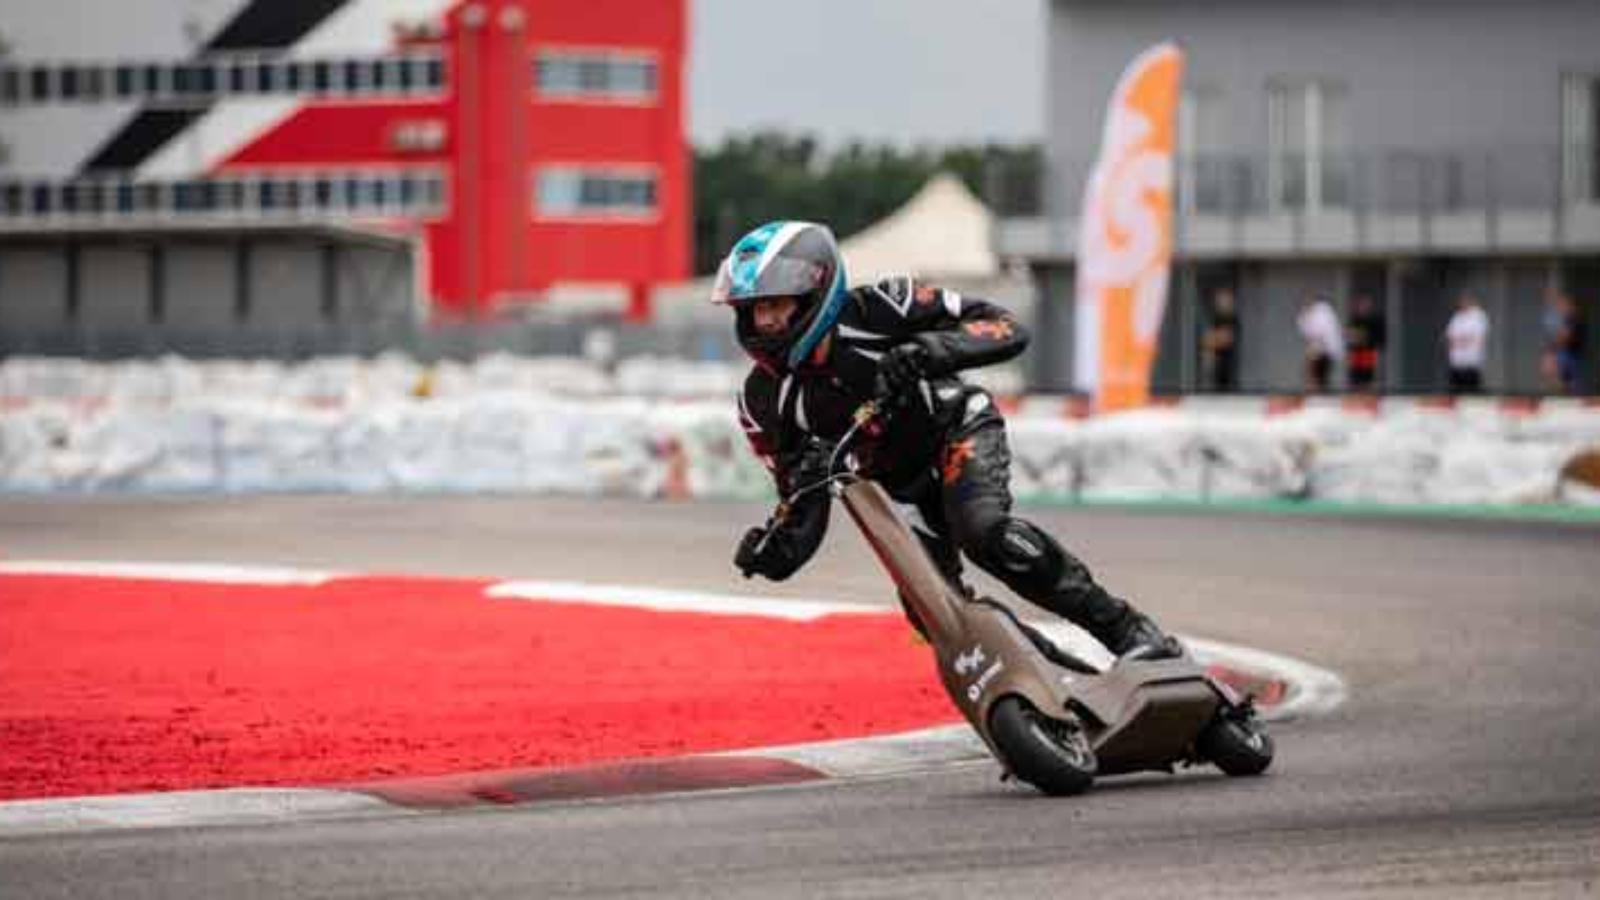 مسابقه اسکوتر برقی 2022